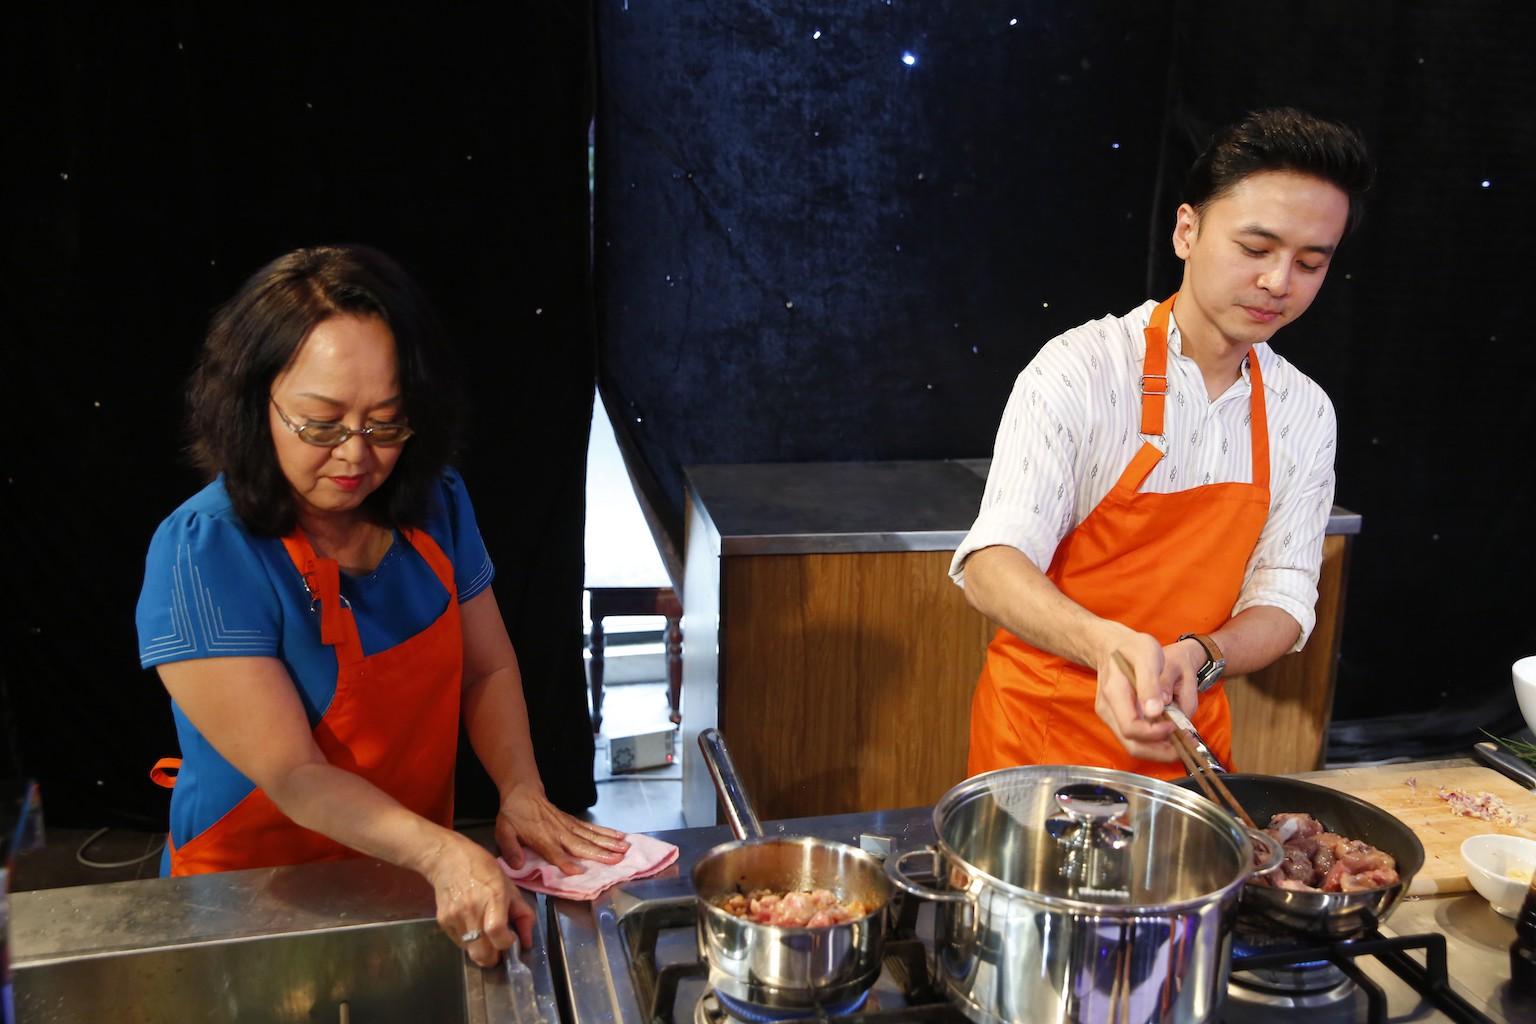 Lên án chồng vì đoán sai món mình nấu, Lâm Khánh Chi bị chê: Cứ ầm ĩ lên, cư xử không như người nổi tiếng! - Ảnh 8.